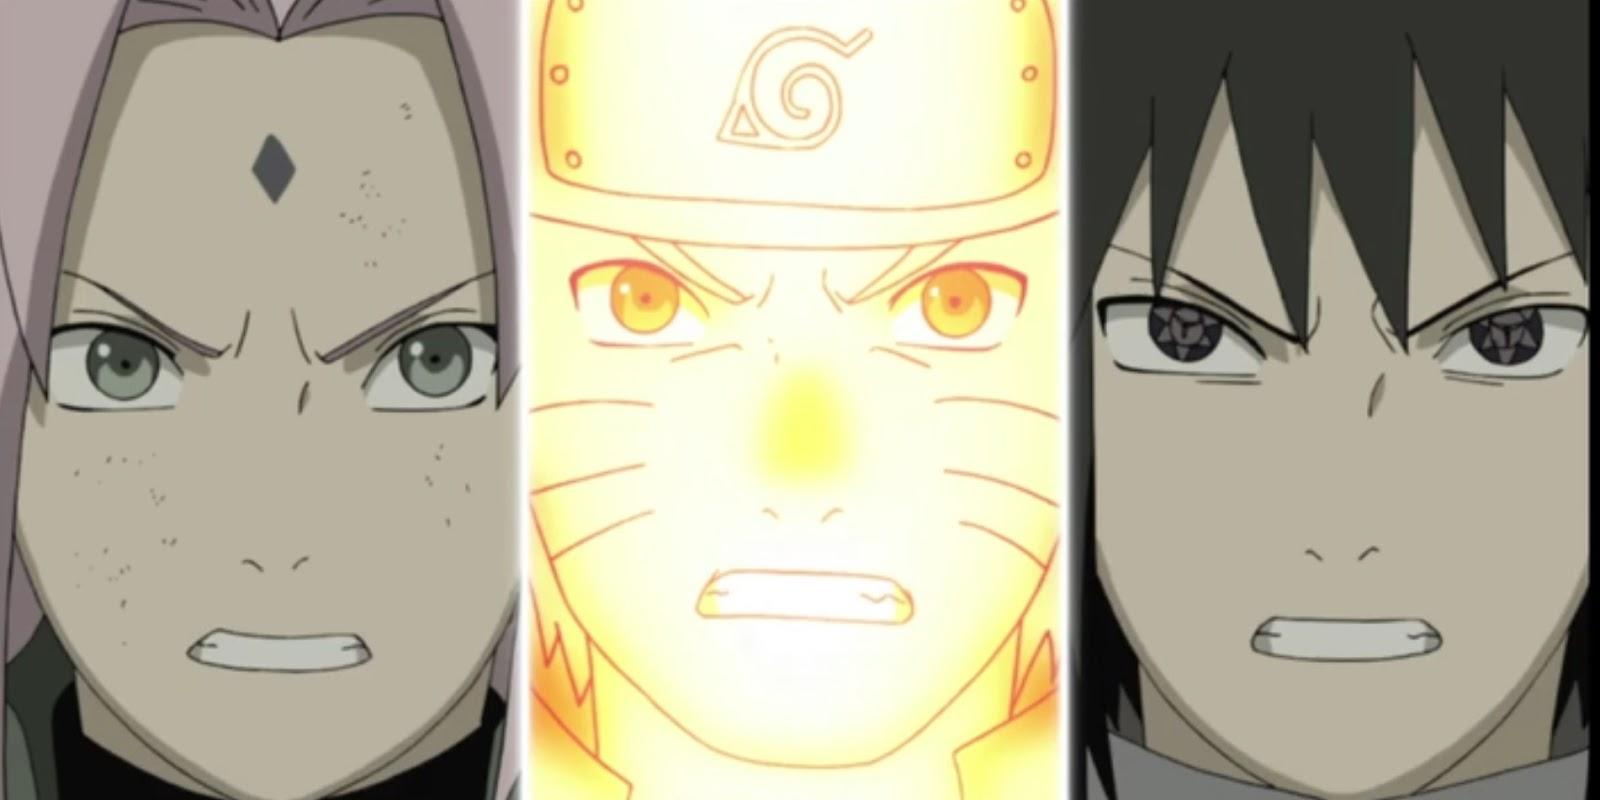 Naruto Shippuden Episódio 374, Assistir Naruto Shippuden Episódio 374, Assistir Naruto Shippuden Todos os Episódios Legendado, Naruto Shippuden episódio 374,HD